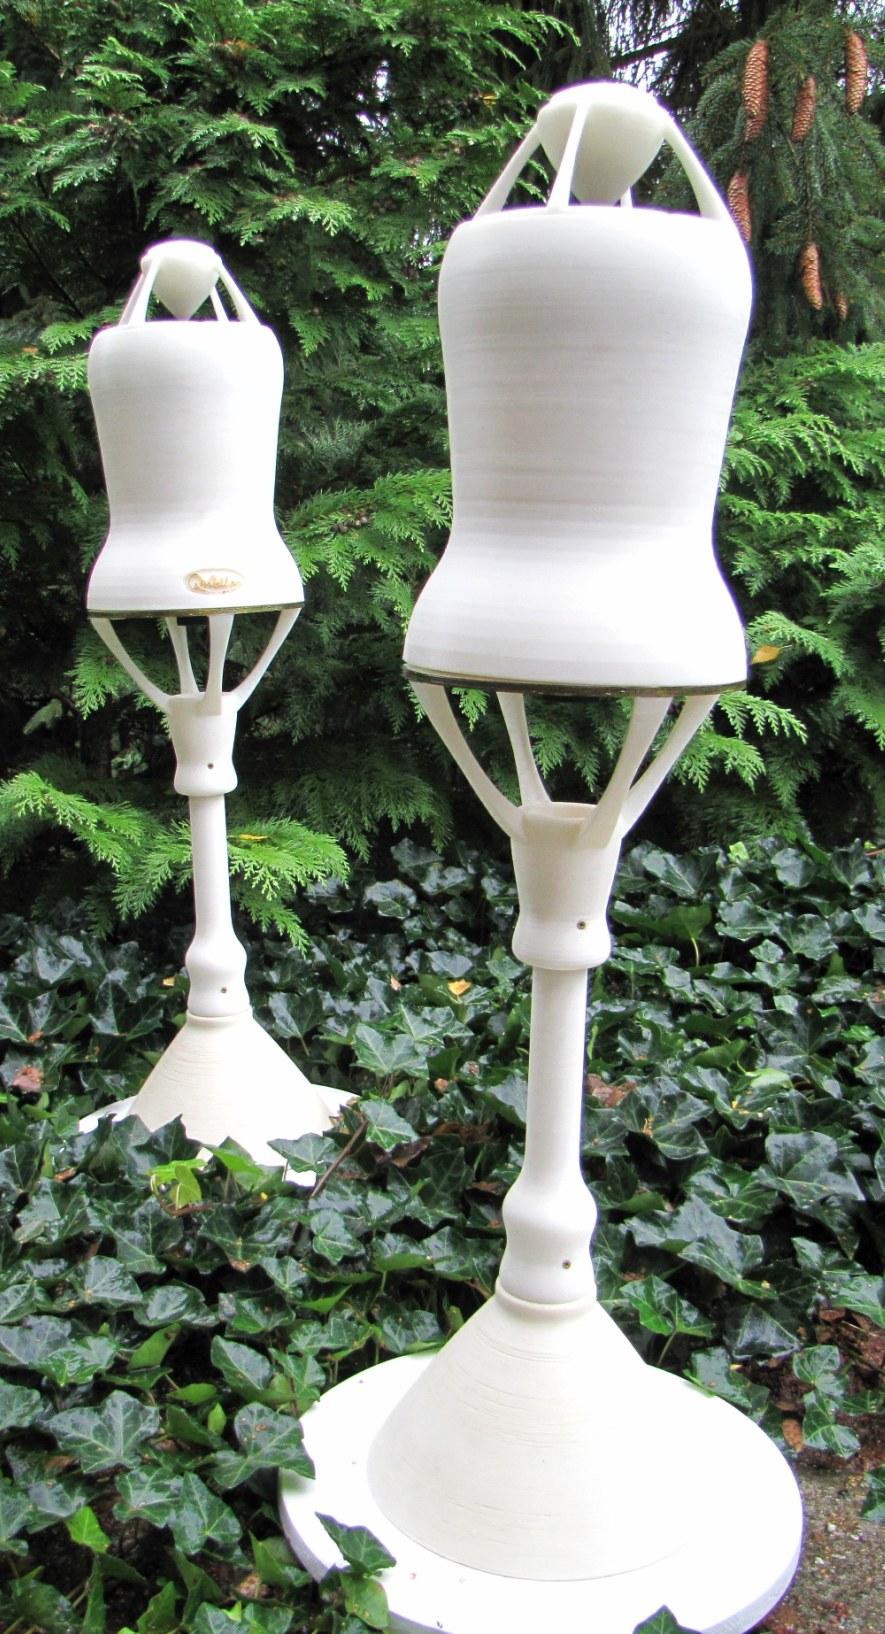 2 OMni Lautsprecher in der Natur, frei stehend auf schönen, stabilen Ständern